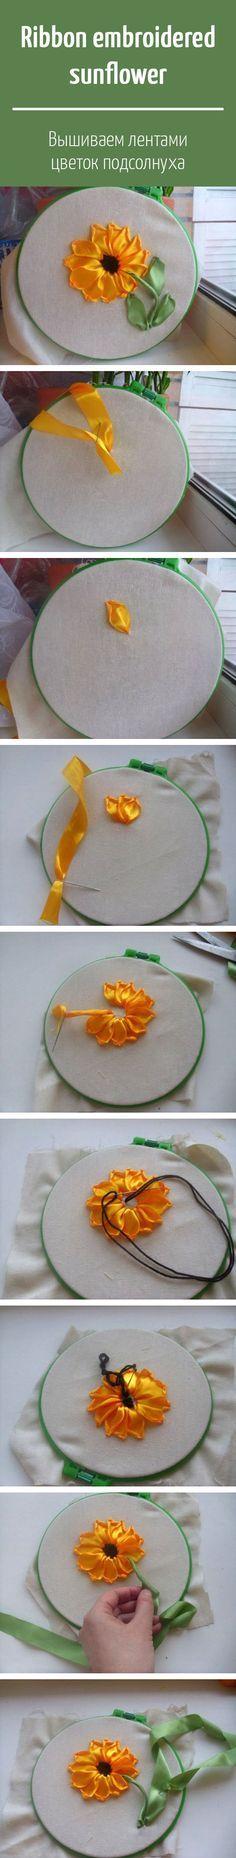 Вышить подсолнух лентами? Легко! Осваиваем создание интересного элемента декора / Ribbon embroidered sunflower